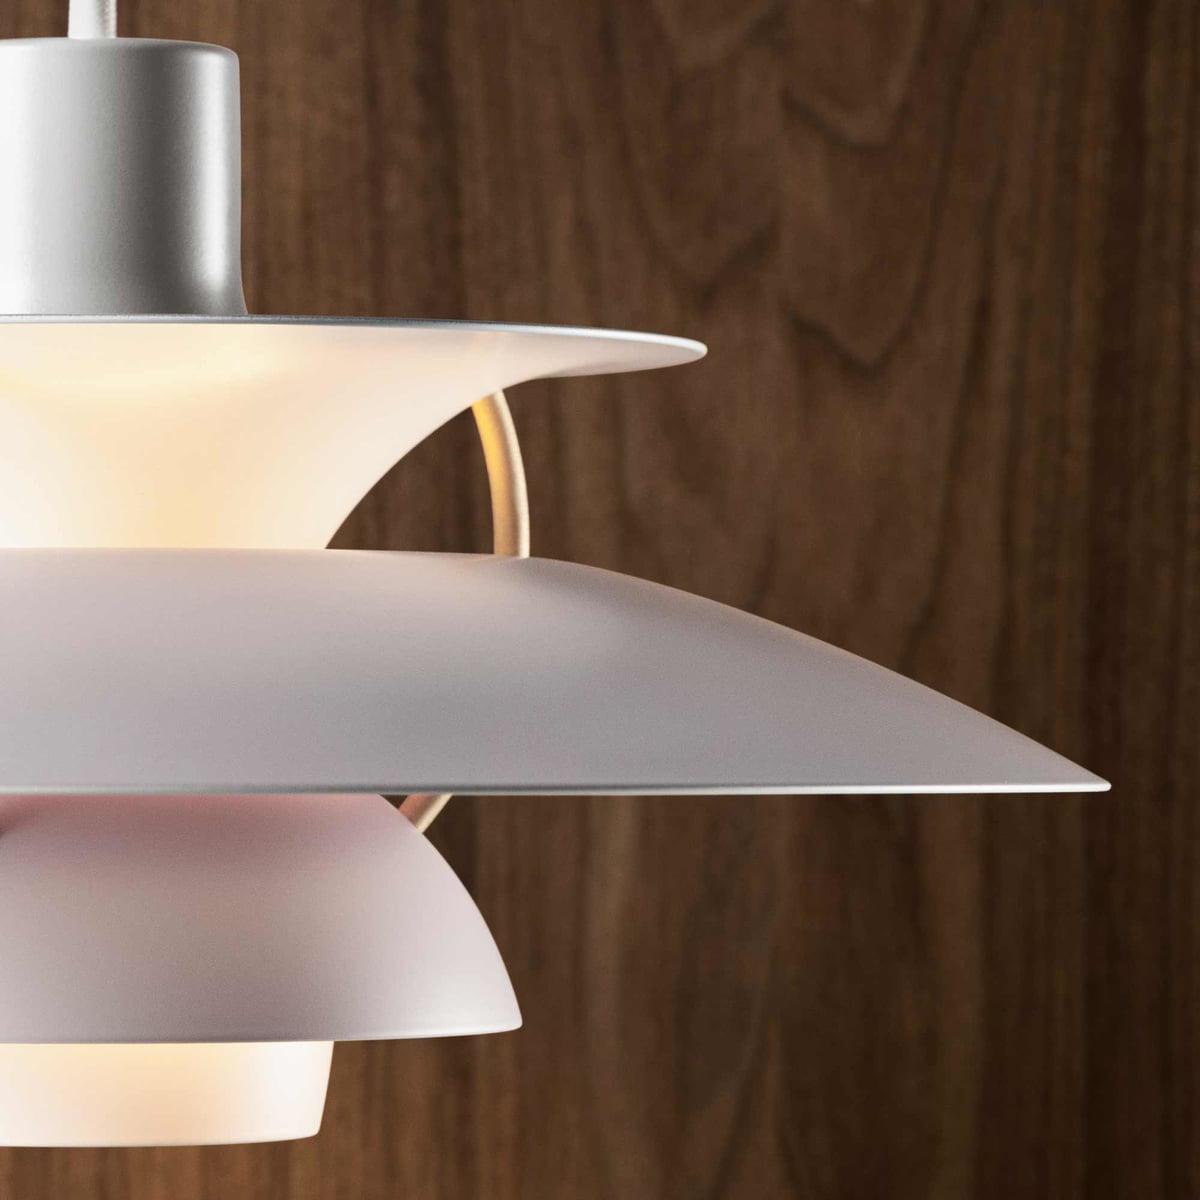 ph 5 mini pendant lamp by louis poulsen. Black Bedroom Furniture Sets. Home Design Ideas